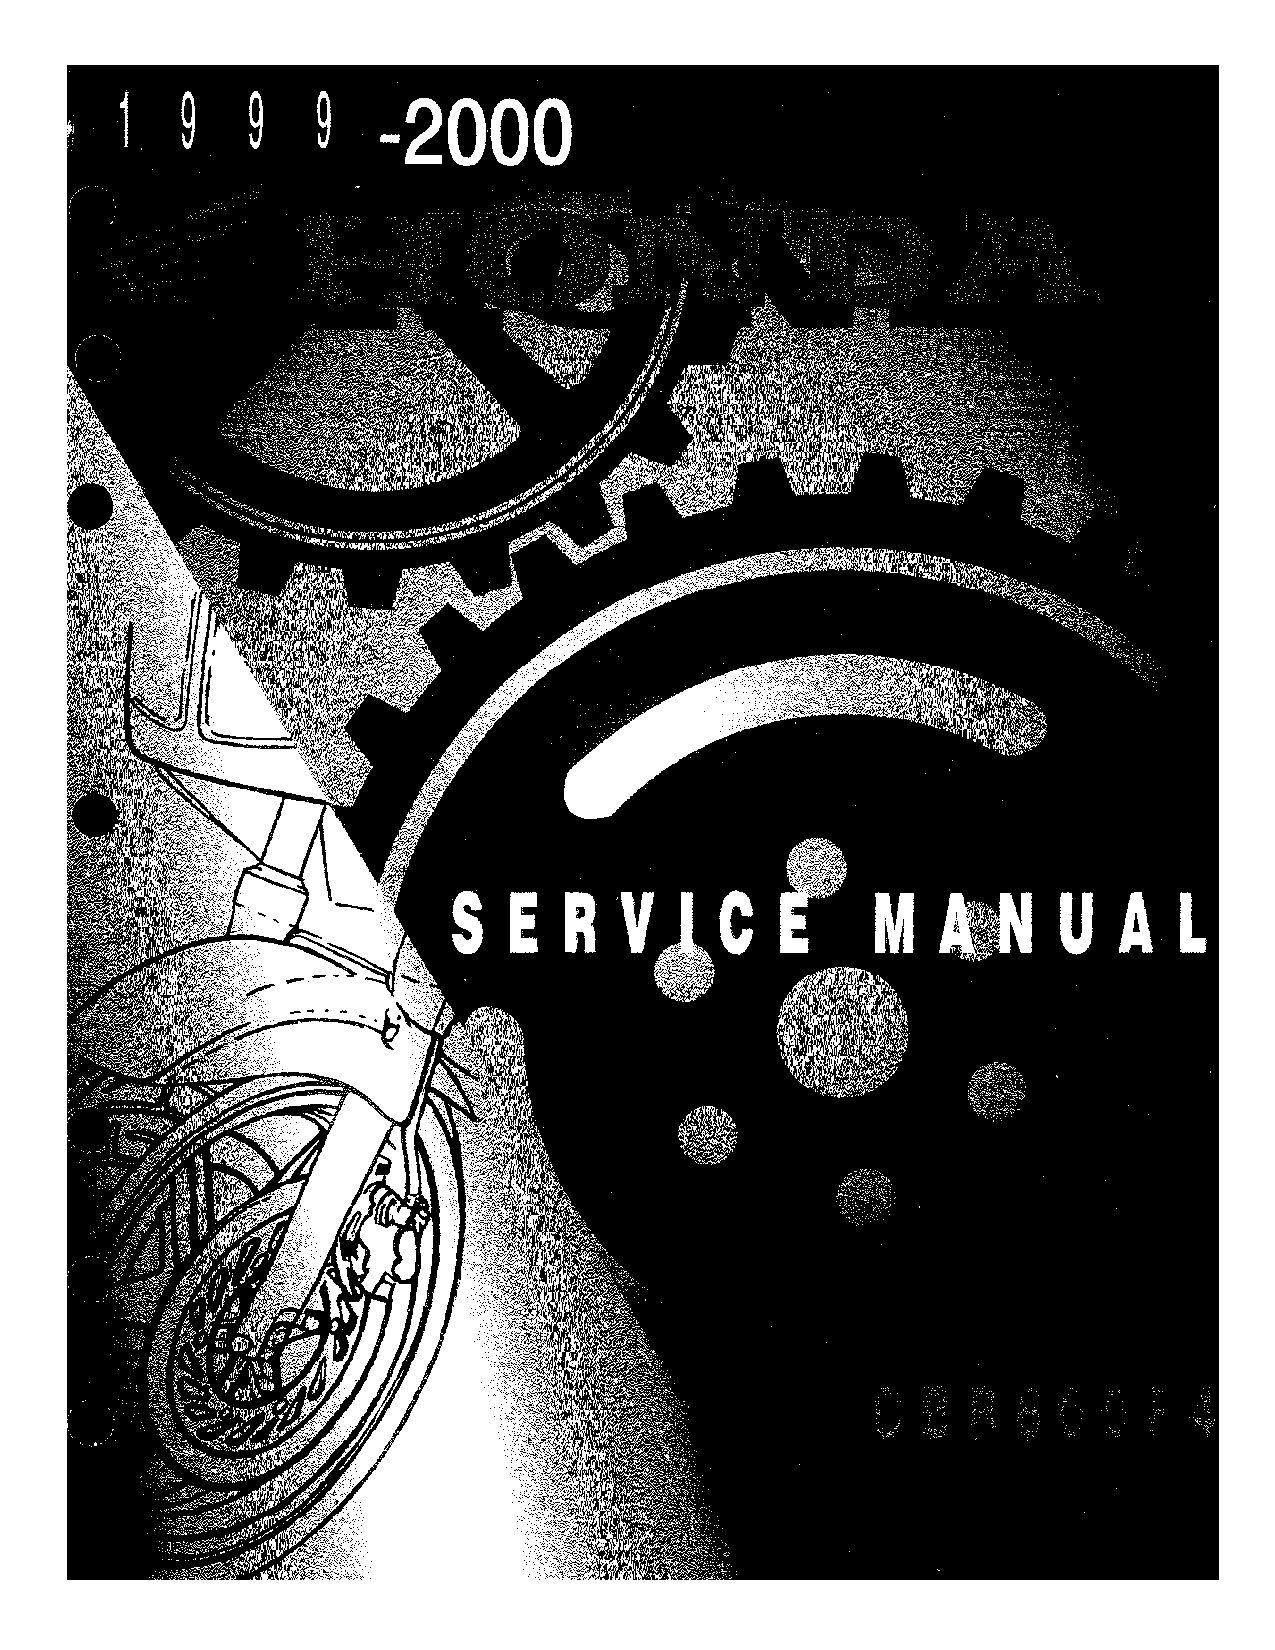 Honda Cbr 600 F4 1999 2000 Repair Manual Pdf Download Service Manual Repair Manual Pdf Download Cbr 600 Cbr Honda Cbr